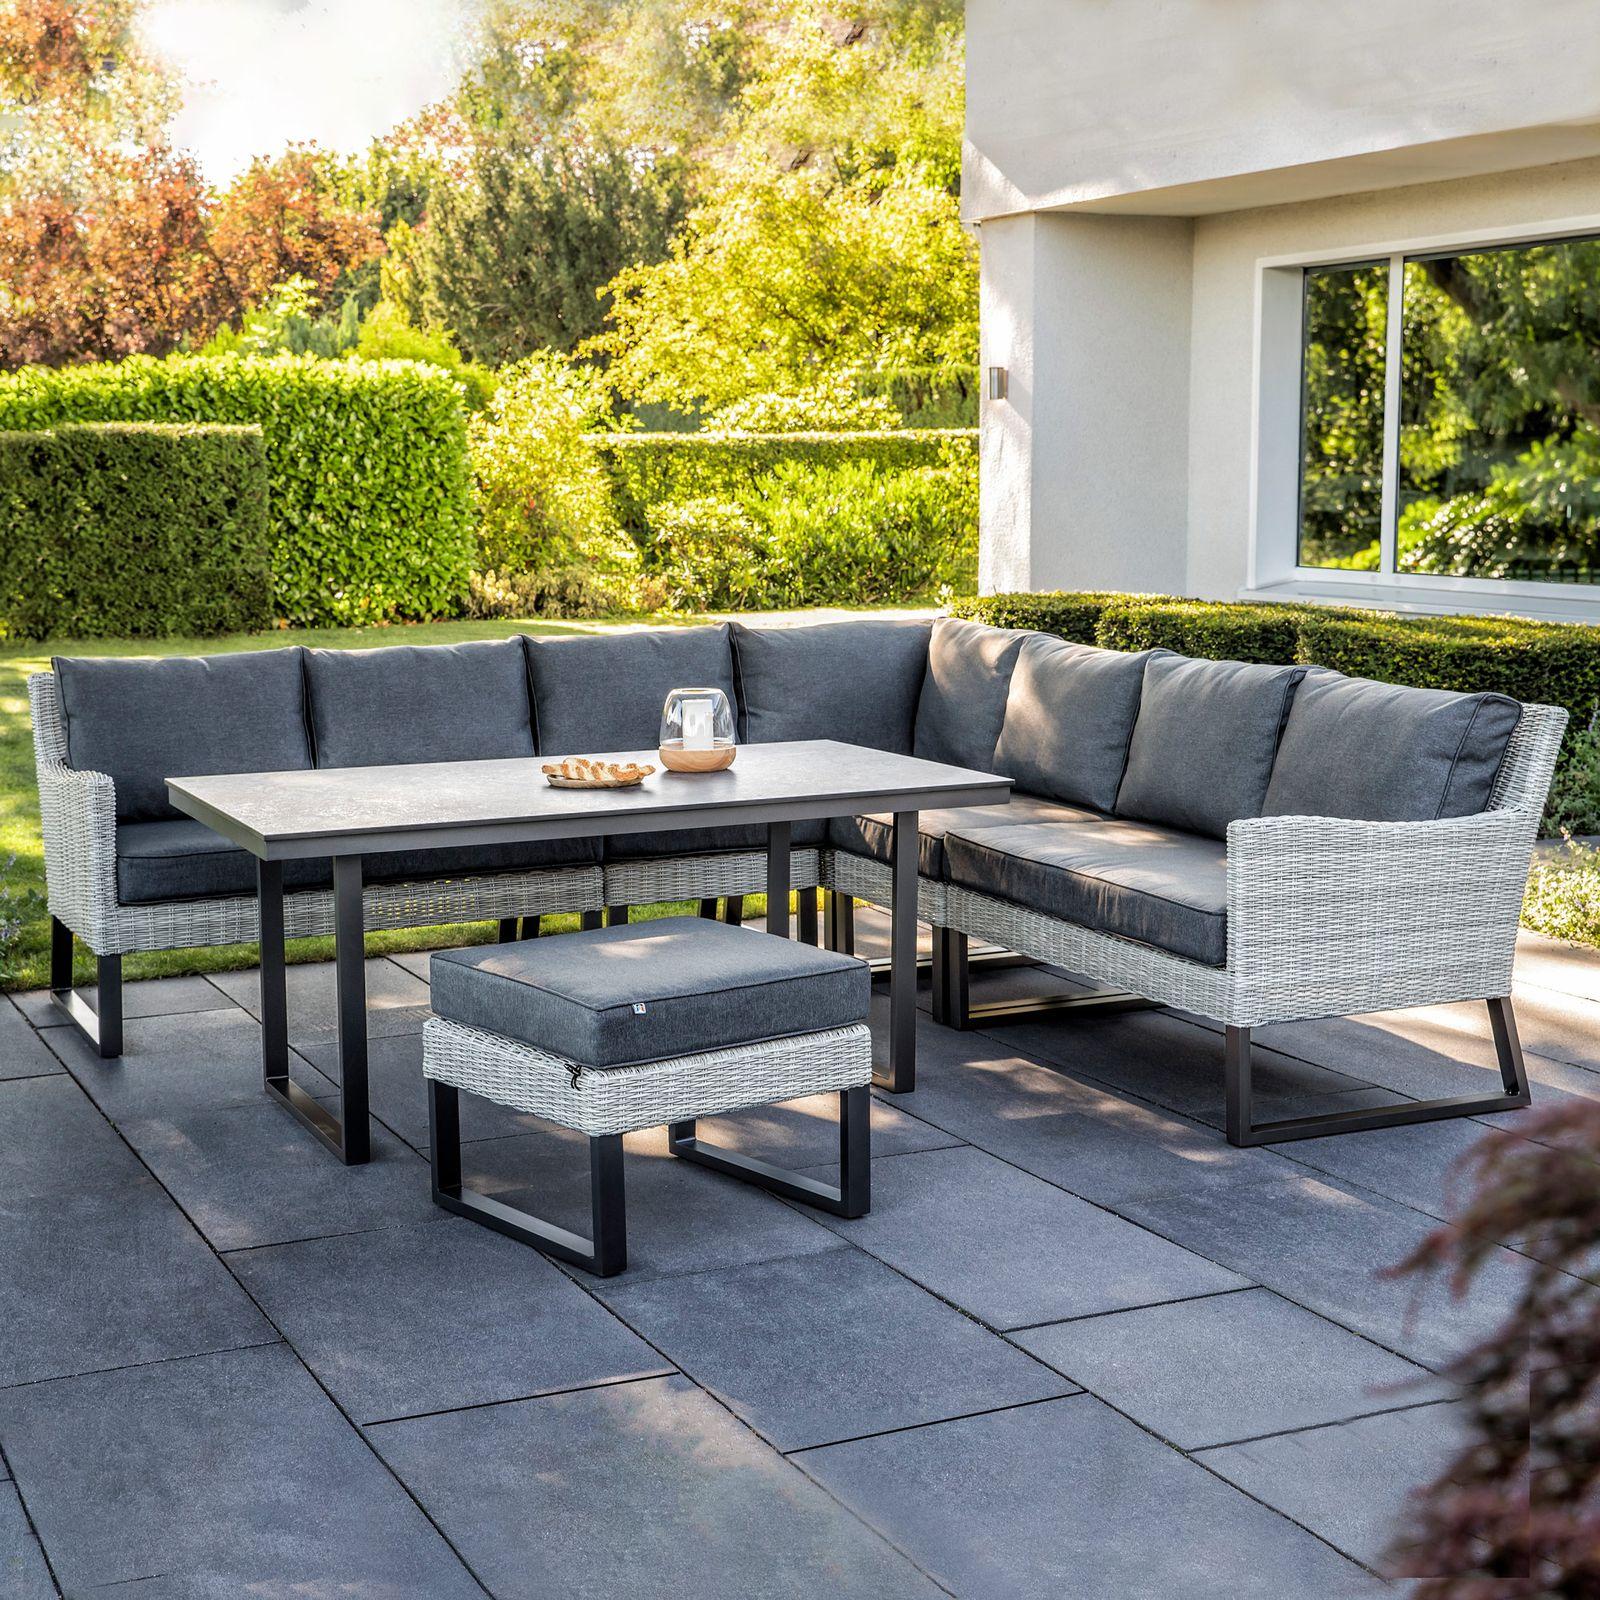 Conjunto de muebles de jardín de 6 módulos Palma gris-antracita KETTLER